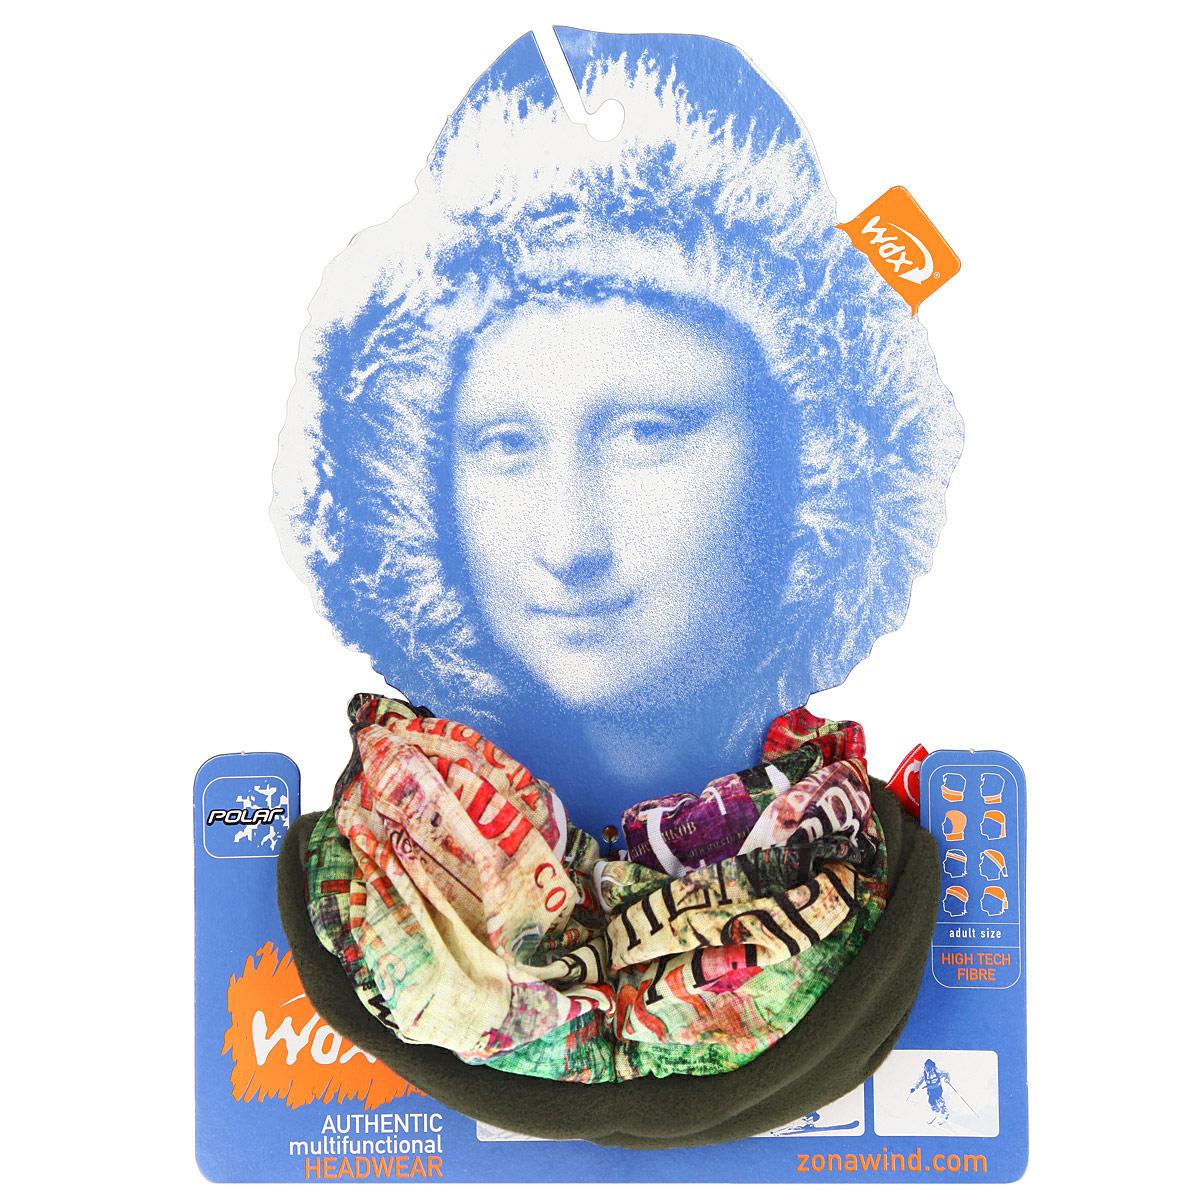 БанданаУТ-0000572105_FoxМногофункциональный головной убор WindXtreme PolarWind - это очень современный предмет одежды, который защитит вас от самого лютого мороза благодаря комбинации ткани и флиса. Его можно использовать как: шарф, шейный платок, бандану, повязку, ленту для волос, балаклаву и шапку. Подходит для занятий бегом, походов, скалолазания, езды на велосипеде, сноуборда, катания на лыжах, мотоциклах, игры в хоккей, а так же для повседневного использования. Сочетание ткани и флиса Pilhot из микроволокна гарантируют дополнительные тепло и комфорт, отведение влаги, быстрое высыхание, очень эластичны, принимают практически любую форму. Обладает антибактериальным эффектом. Уважаемые клиенты! Размер, доступный для заказа, является обхватом головы.